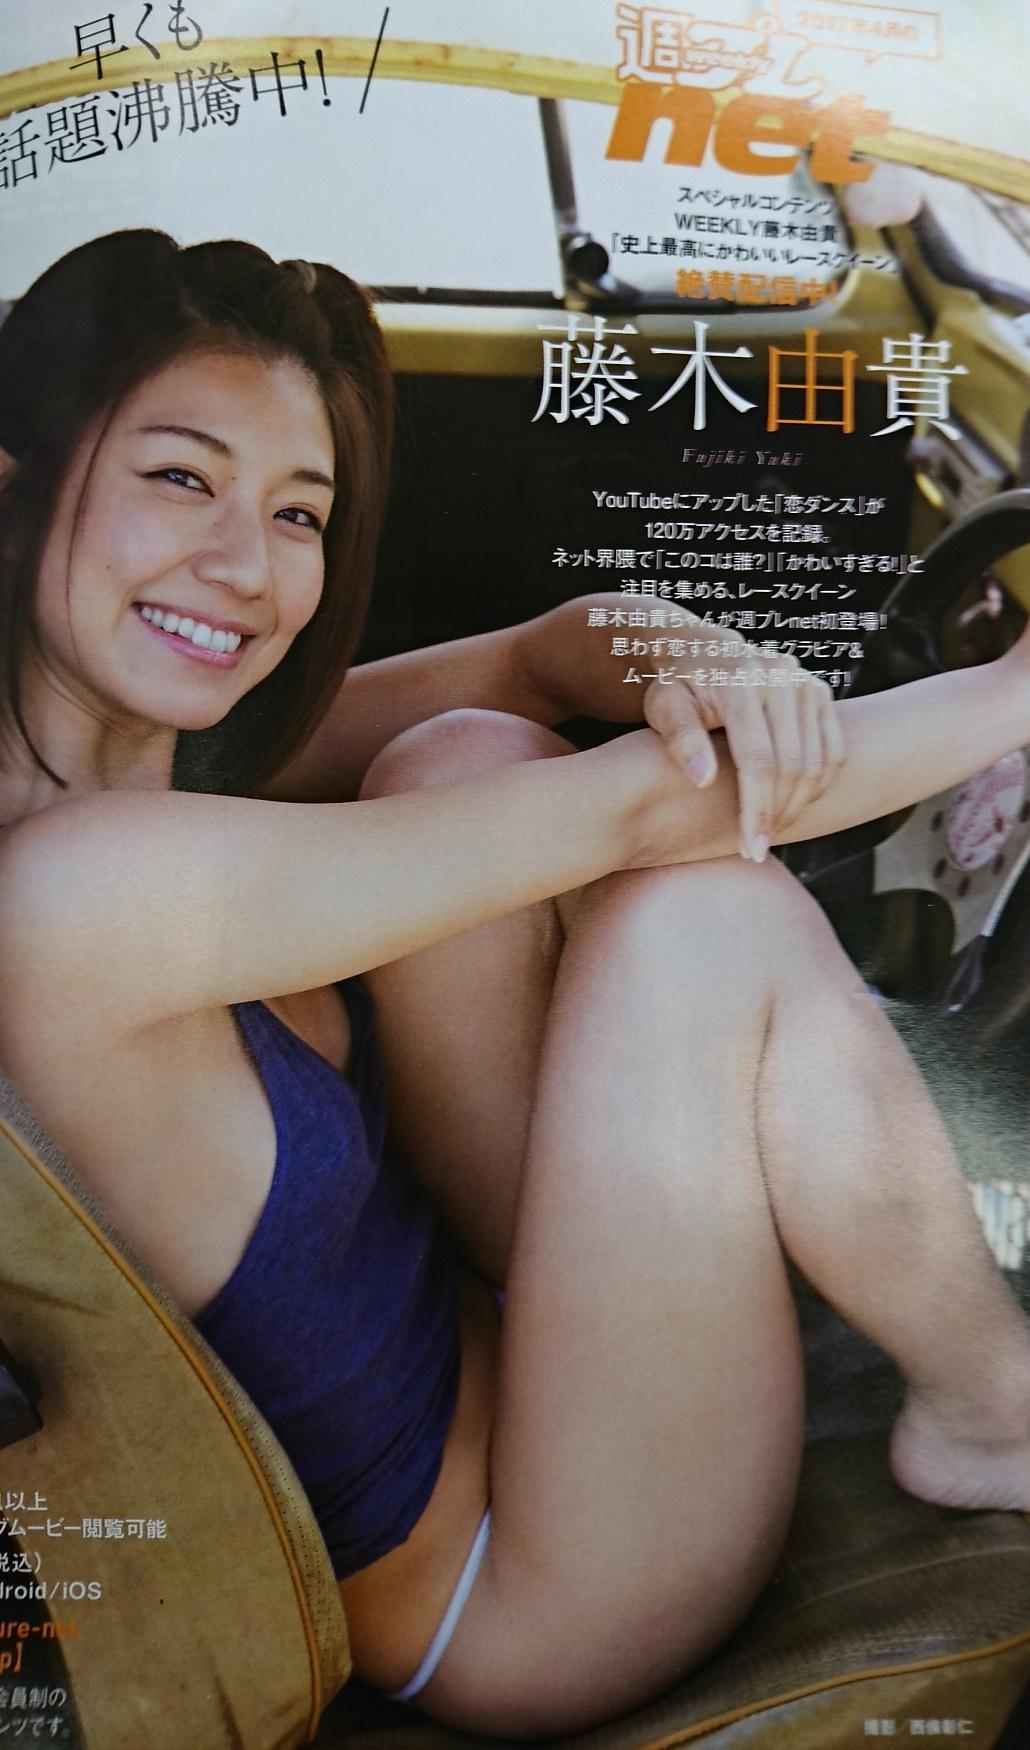 藤木由貴さん 1030-1750